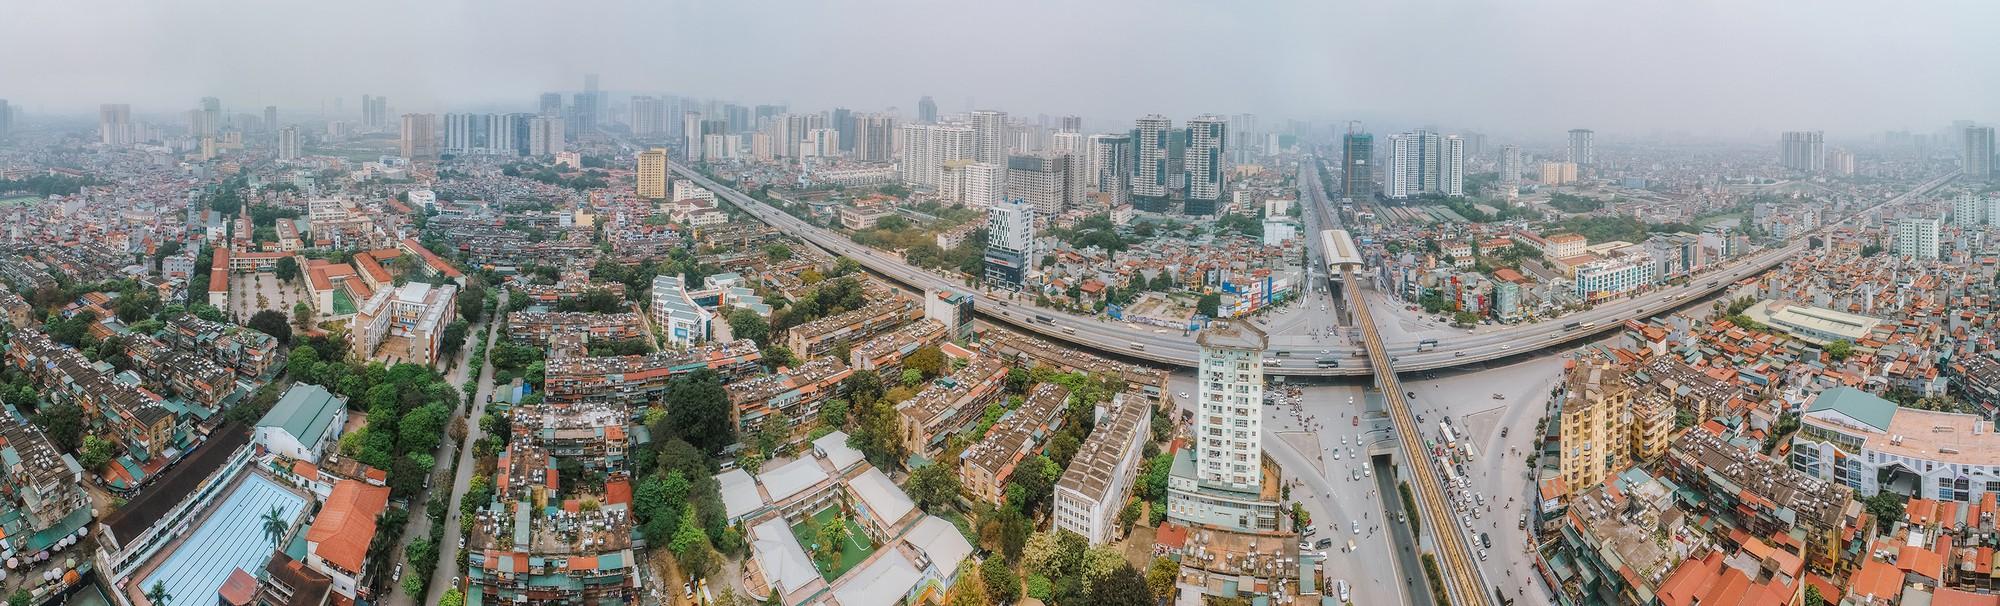 Toàn cảnh rừng cao ốc đang bóp nghẹt khu đô thị kiểu mẫu bậc nhất Hà Nội - Ảnh 15.